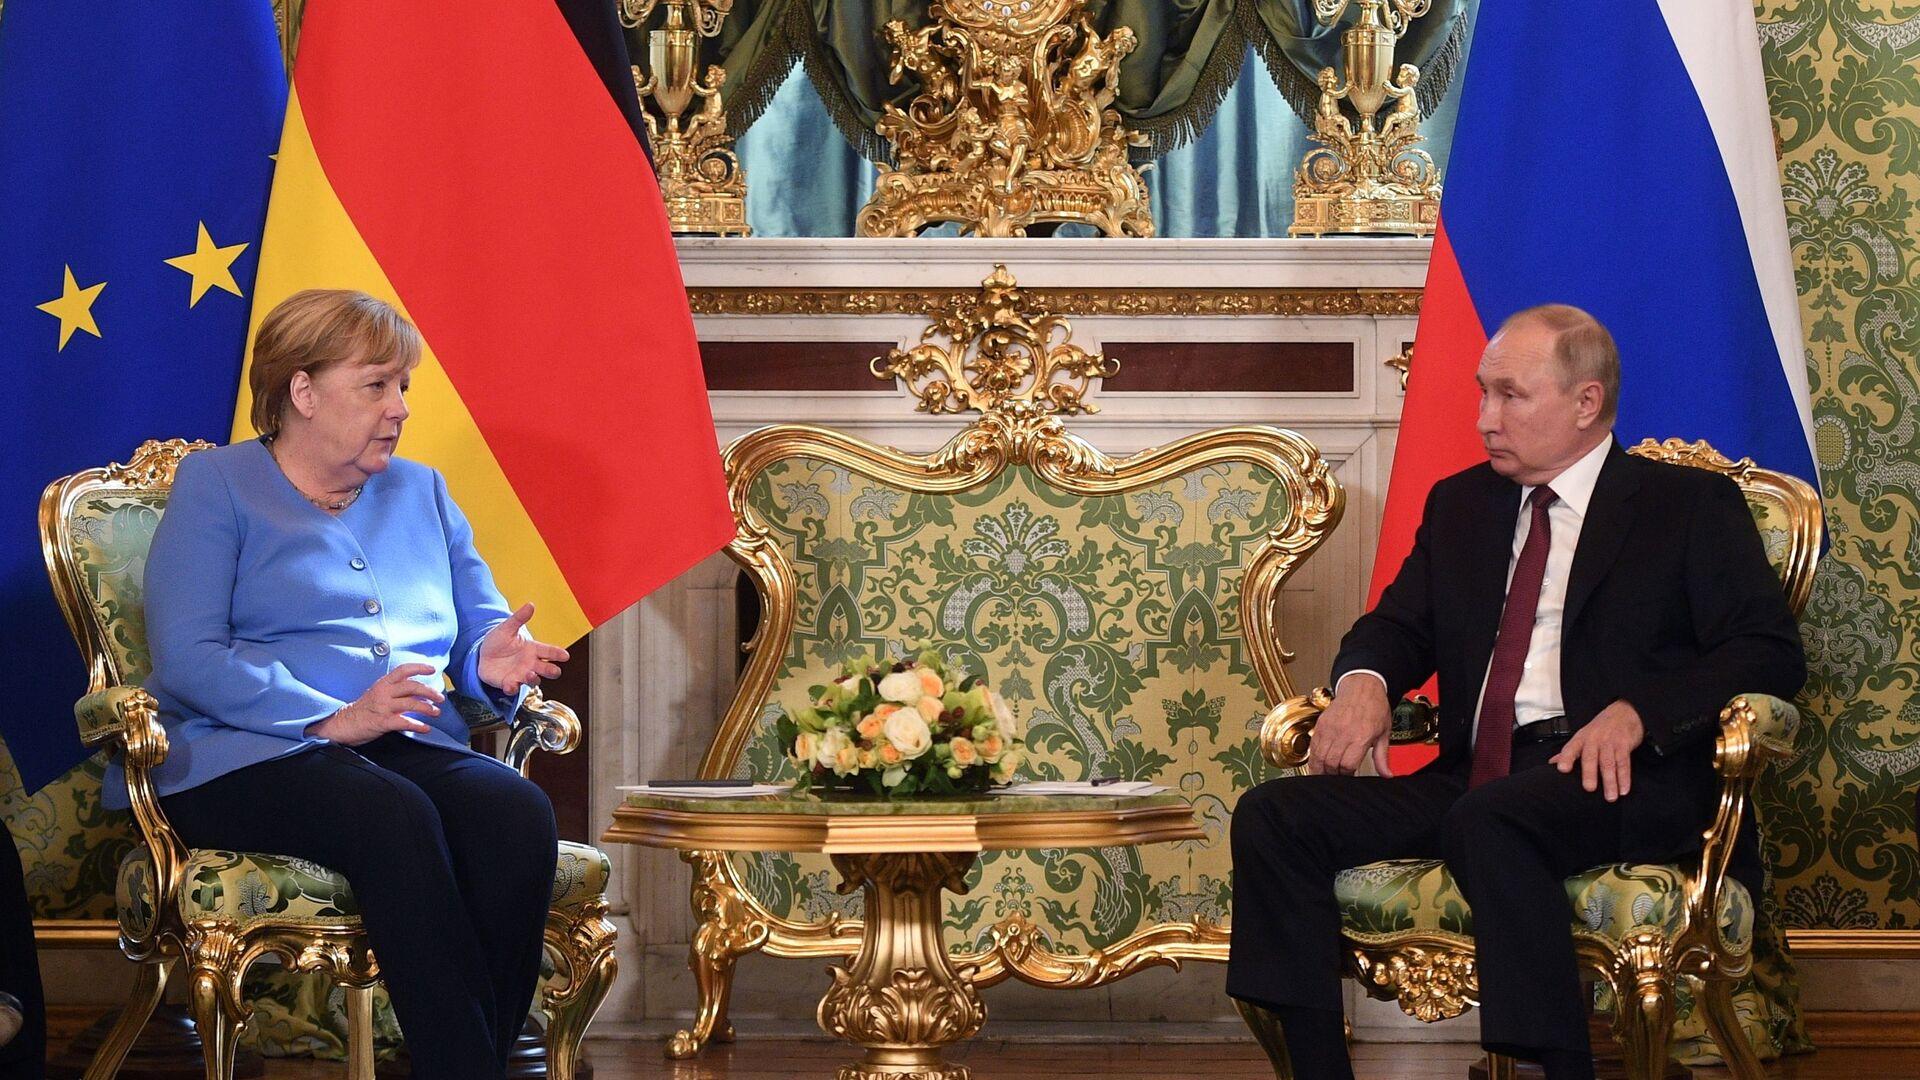 Ruský prezident Vladimir Putin a německá spolková kancléřka Angela Merkelová během setkání v Moskvě - Sputnik Česká republika, 1920, 20.08.2021